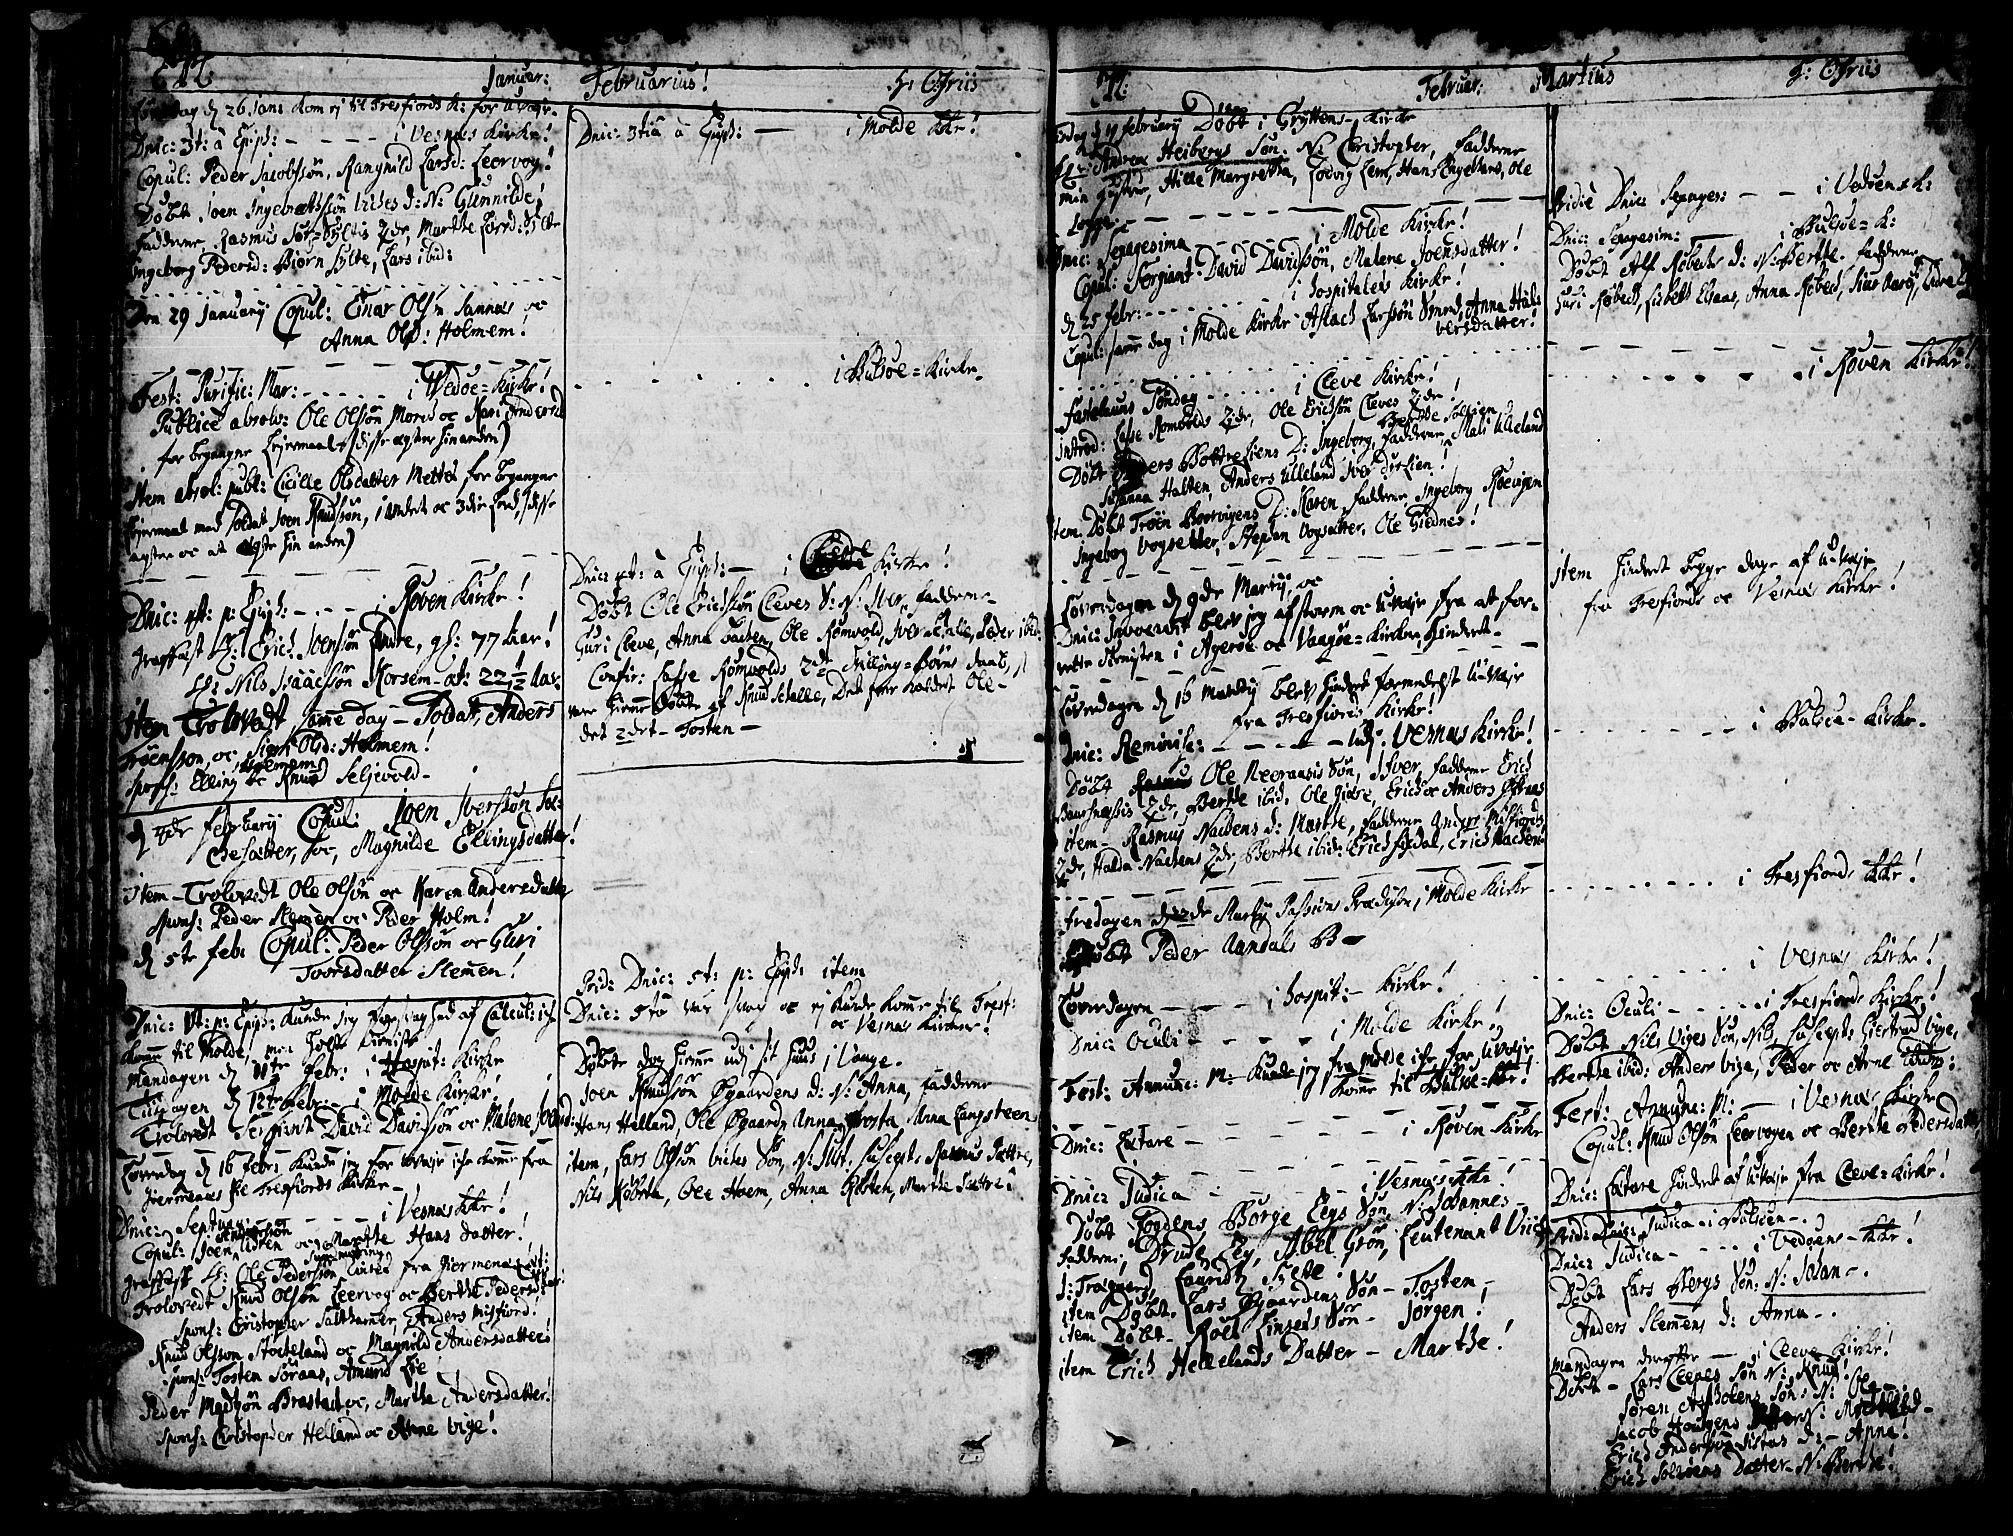 SAT, Ministerialprotokoller, klokkerbøker og fødselsregistre - Møre og Romsdal, 547/L0599: Ministerialbok nr. 547A01, 1721-1764, s. 70-71